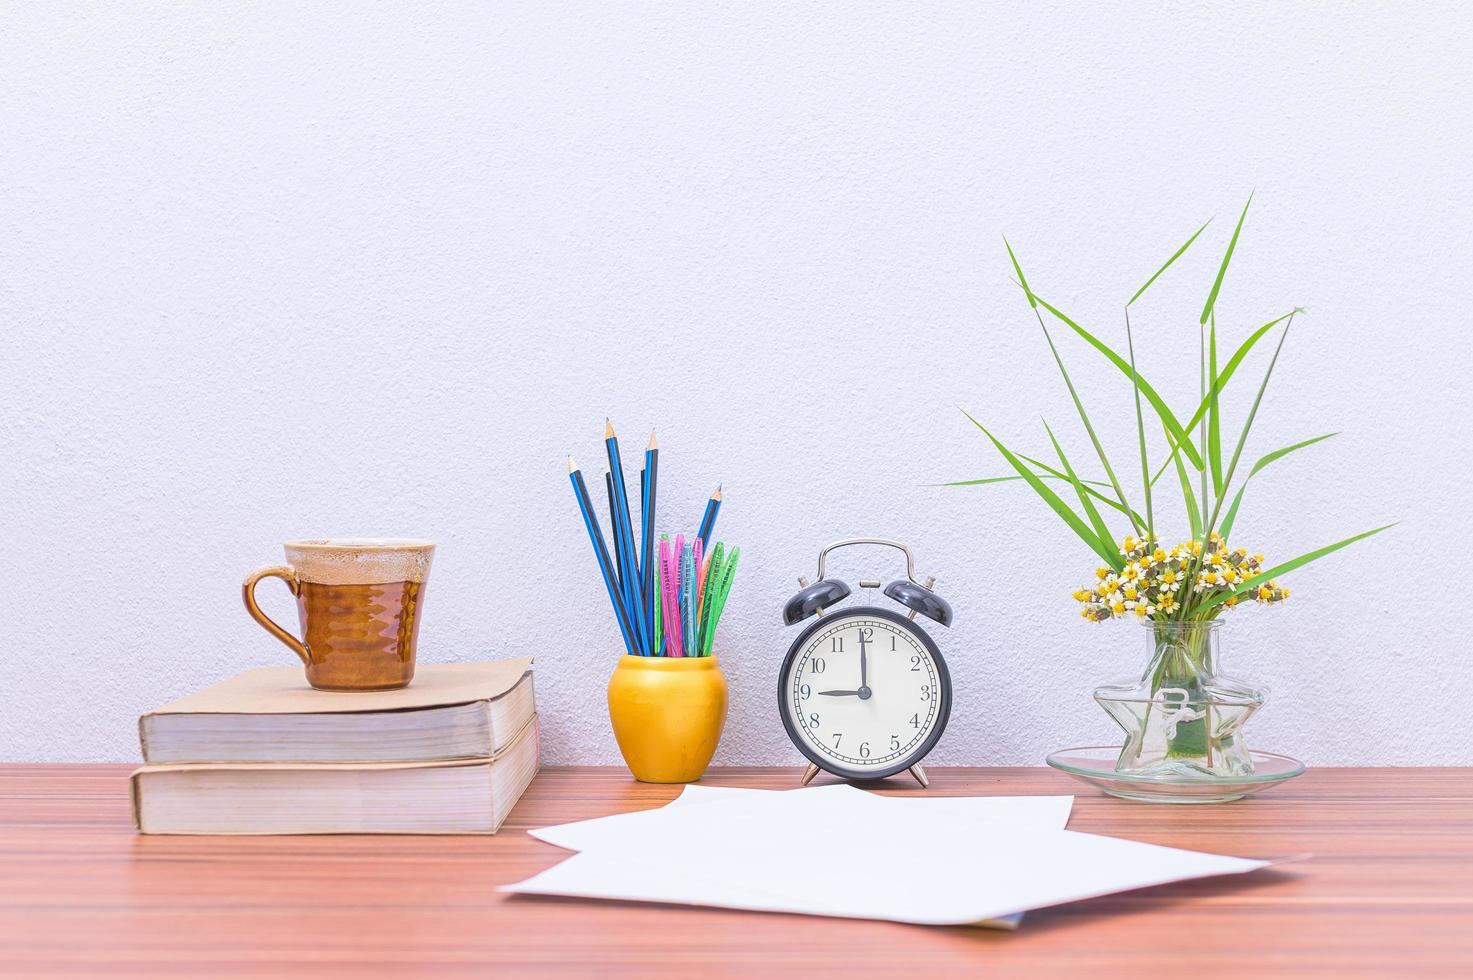 Bücher und Blumen auf dem Schreibtisch foto